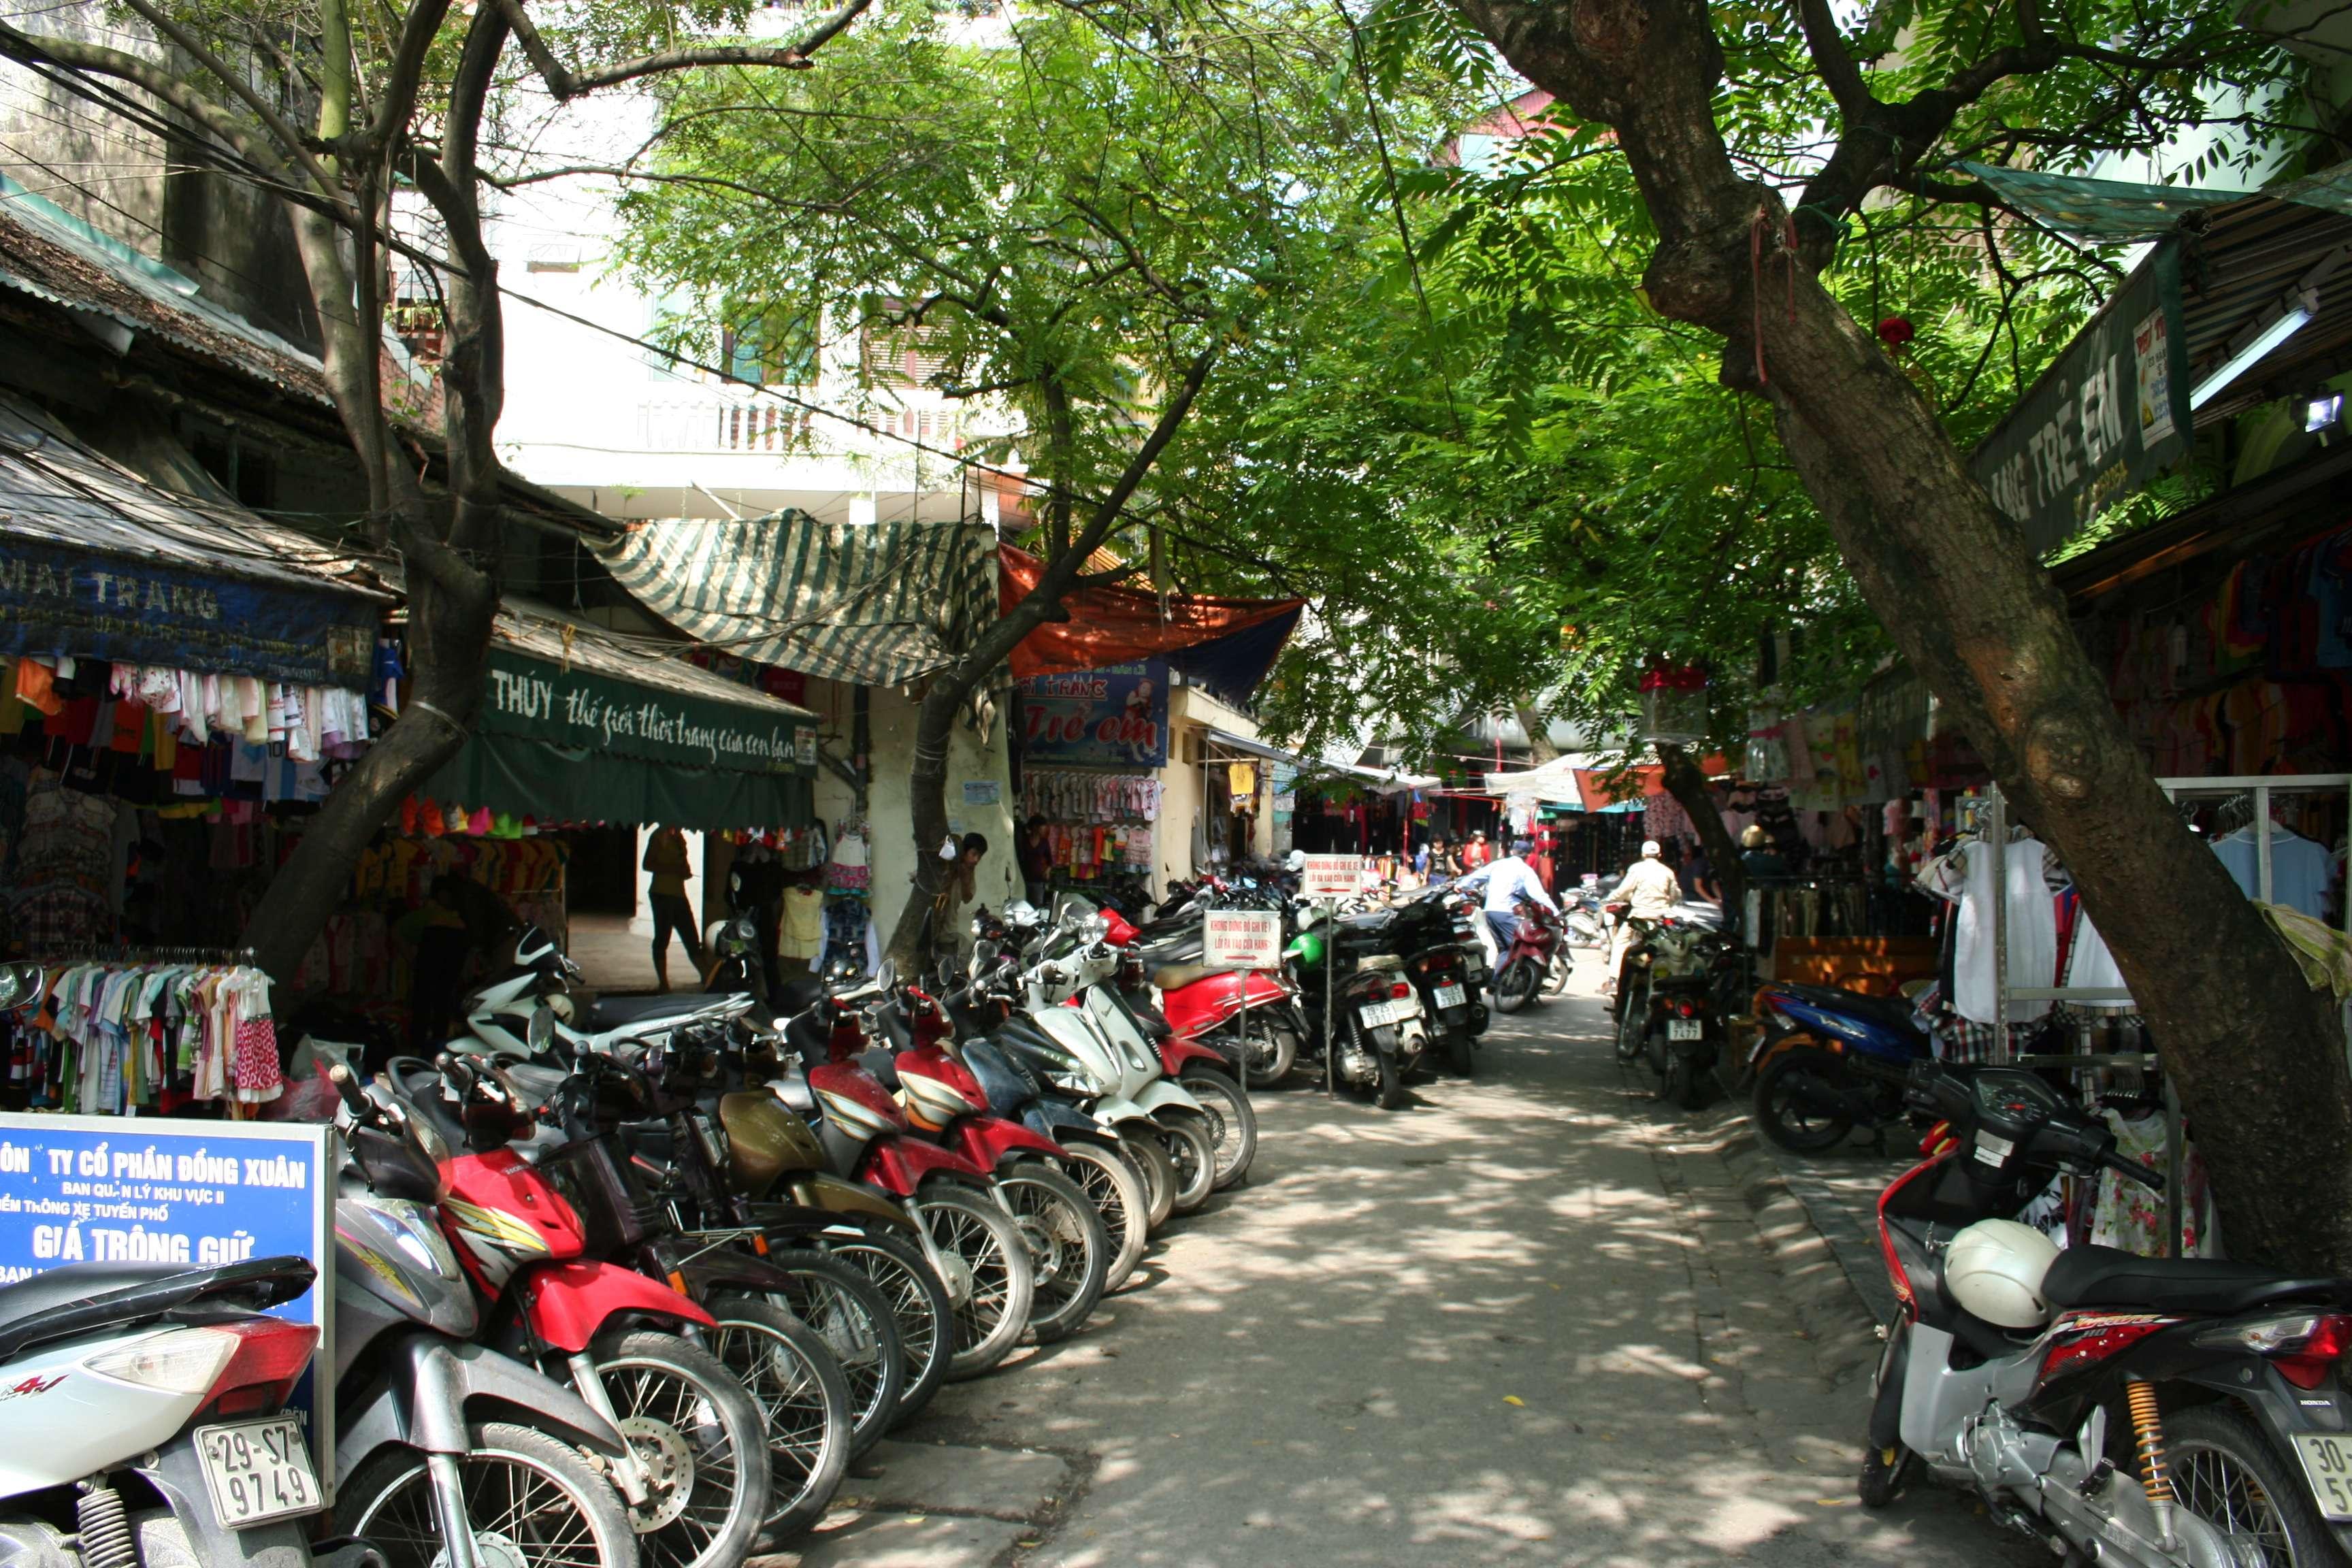 20120408_001 rue dans Hanoi